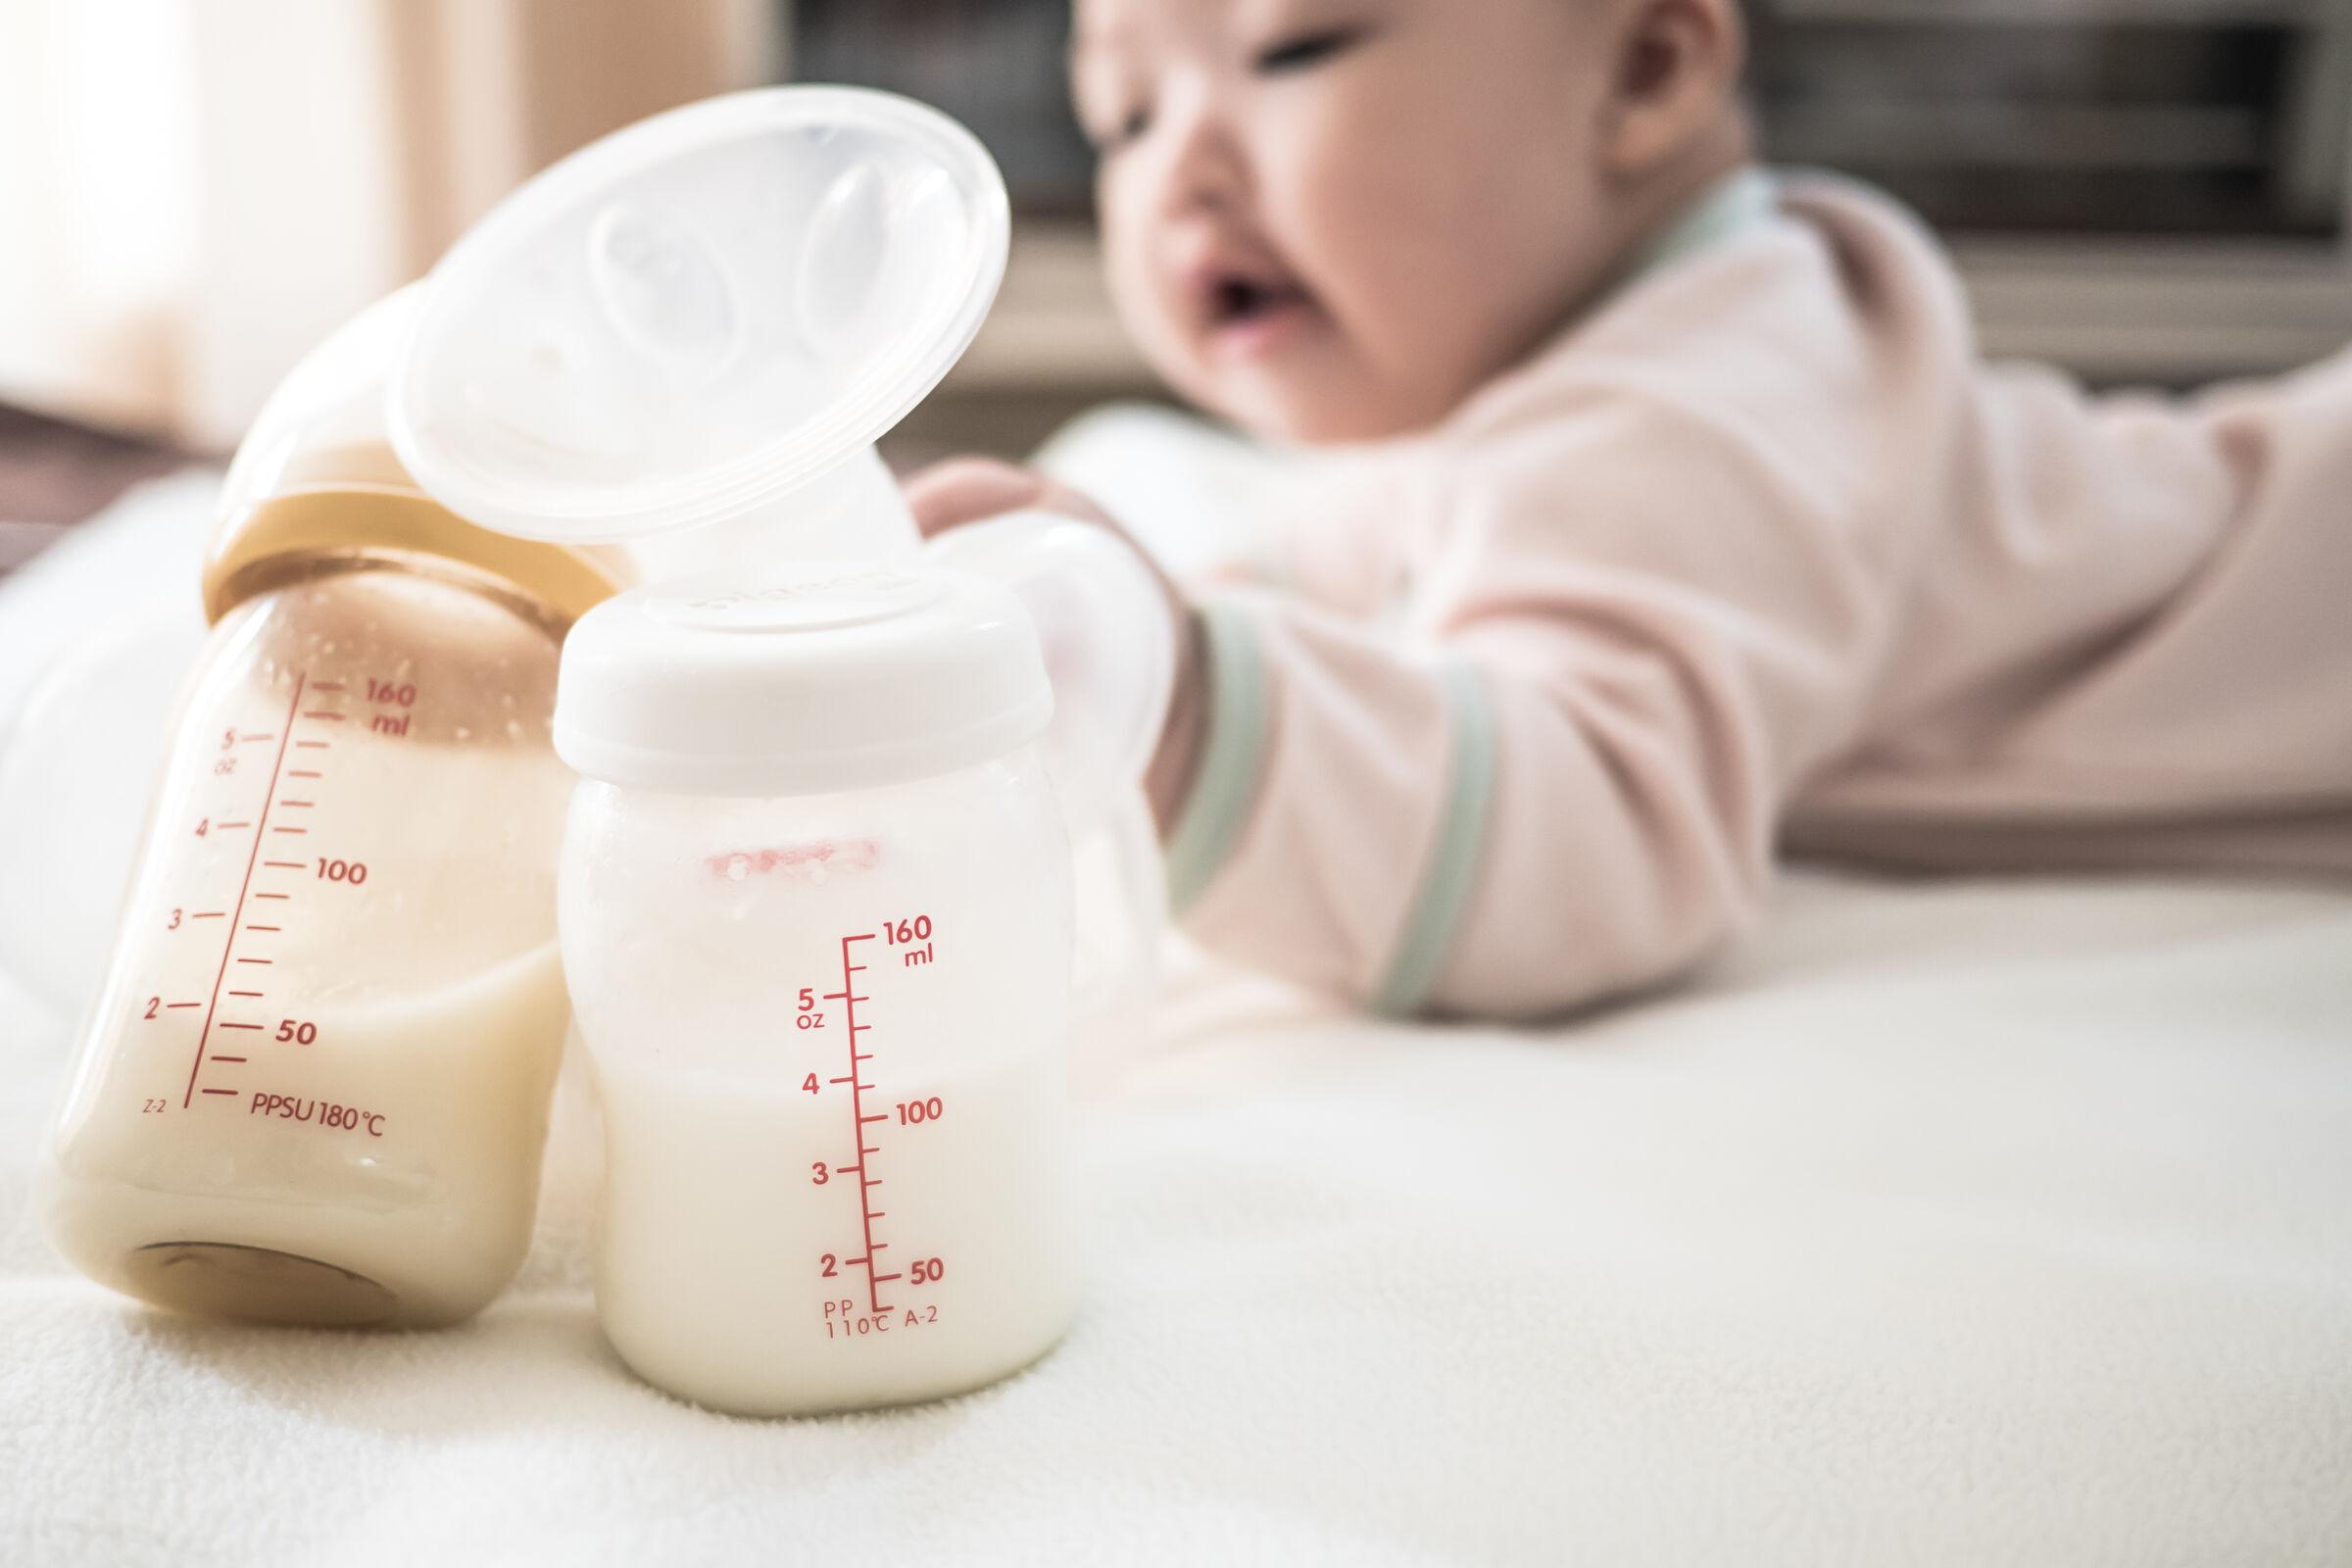 Bebê-atrás-de-mamadeiras-com-leite-materno